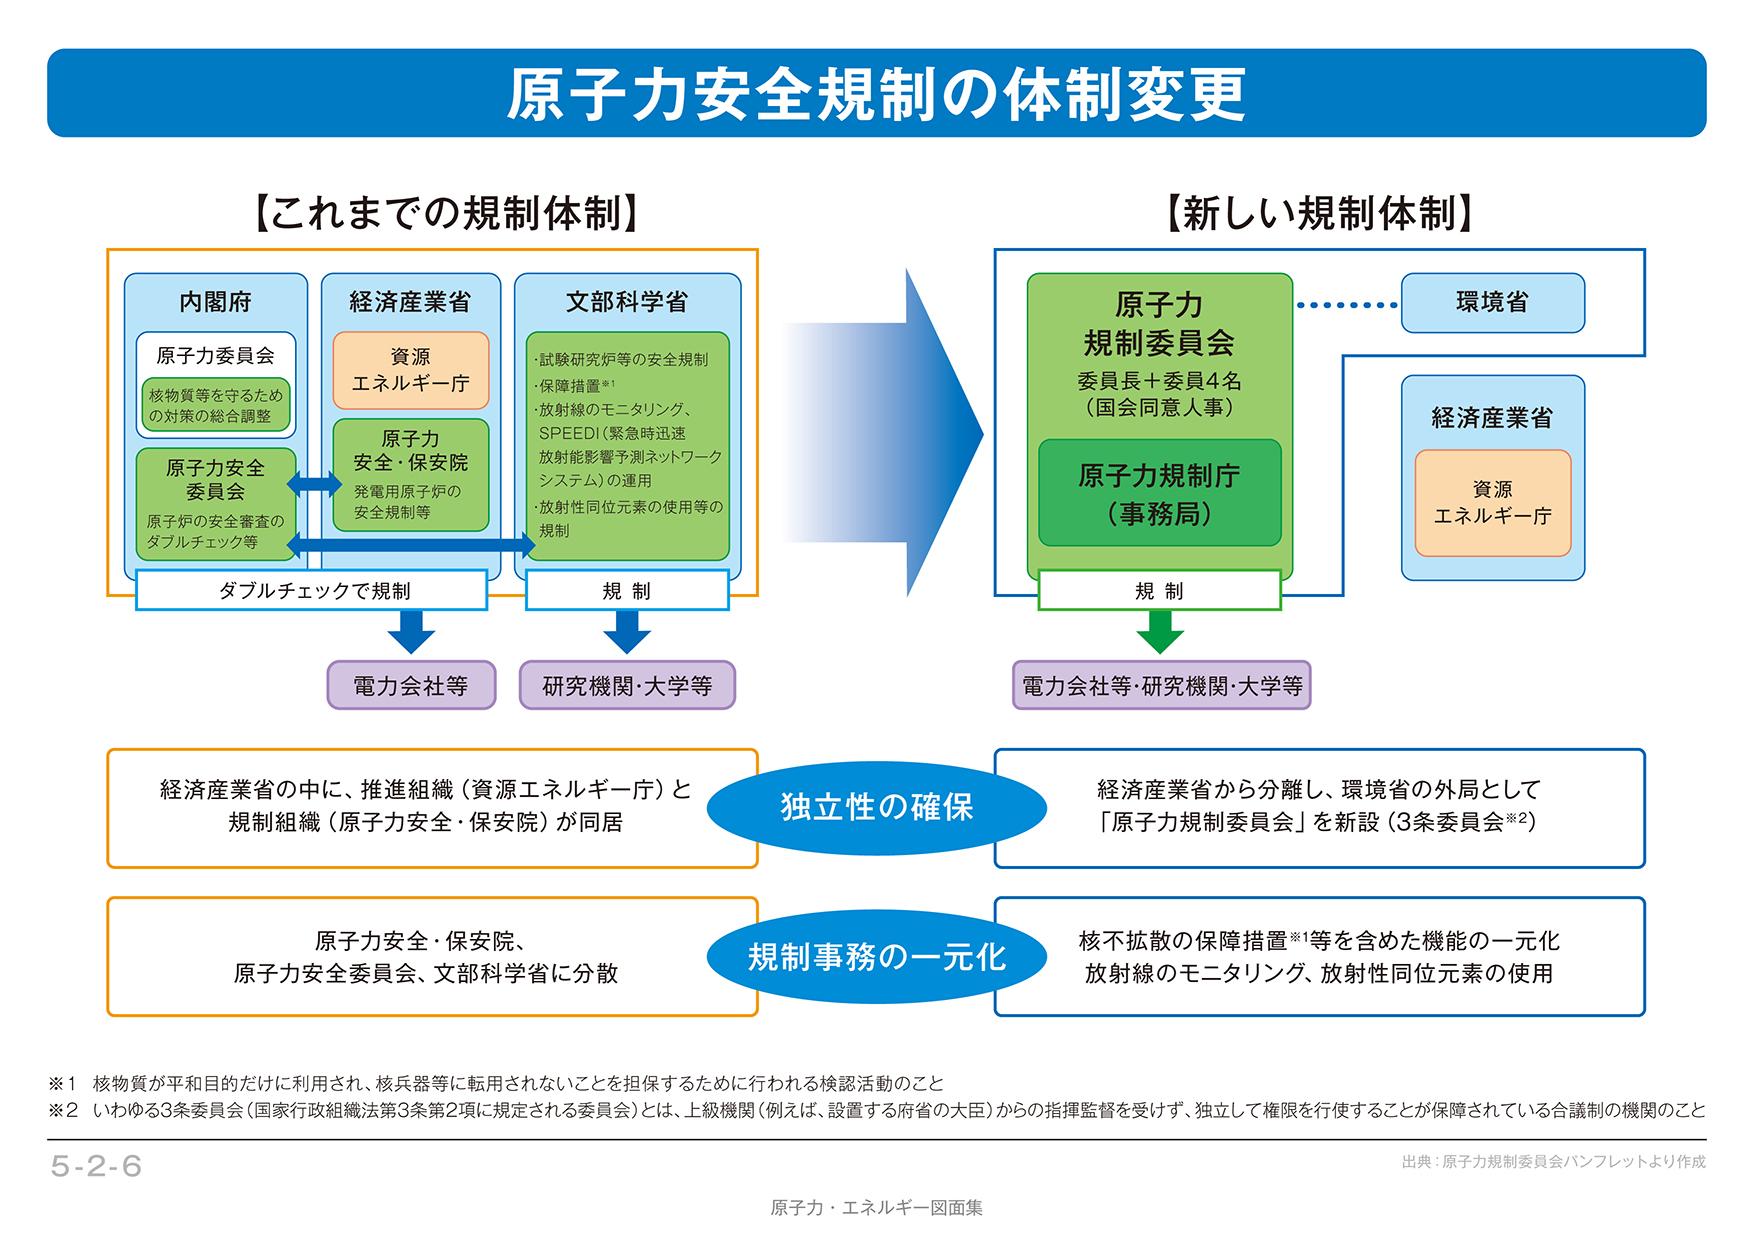 法改正と原子力規制委員会の発足...